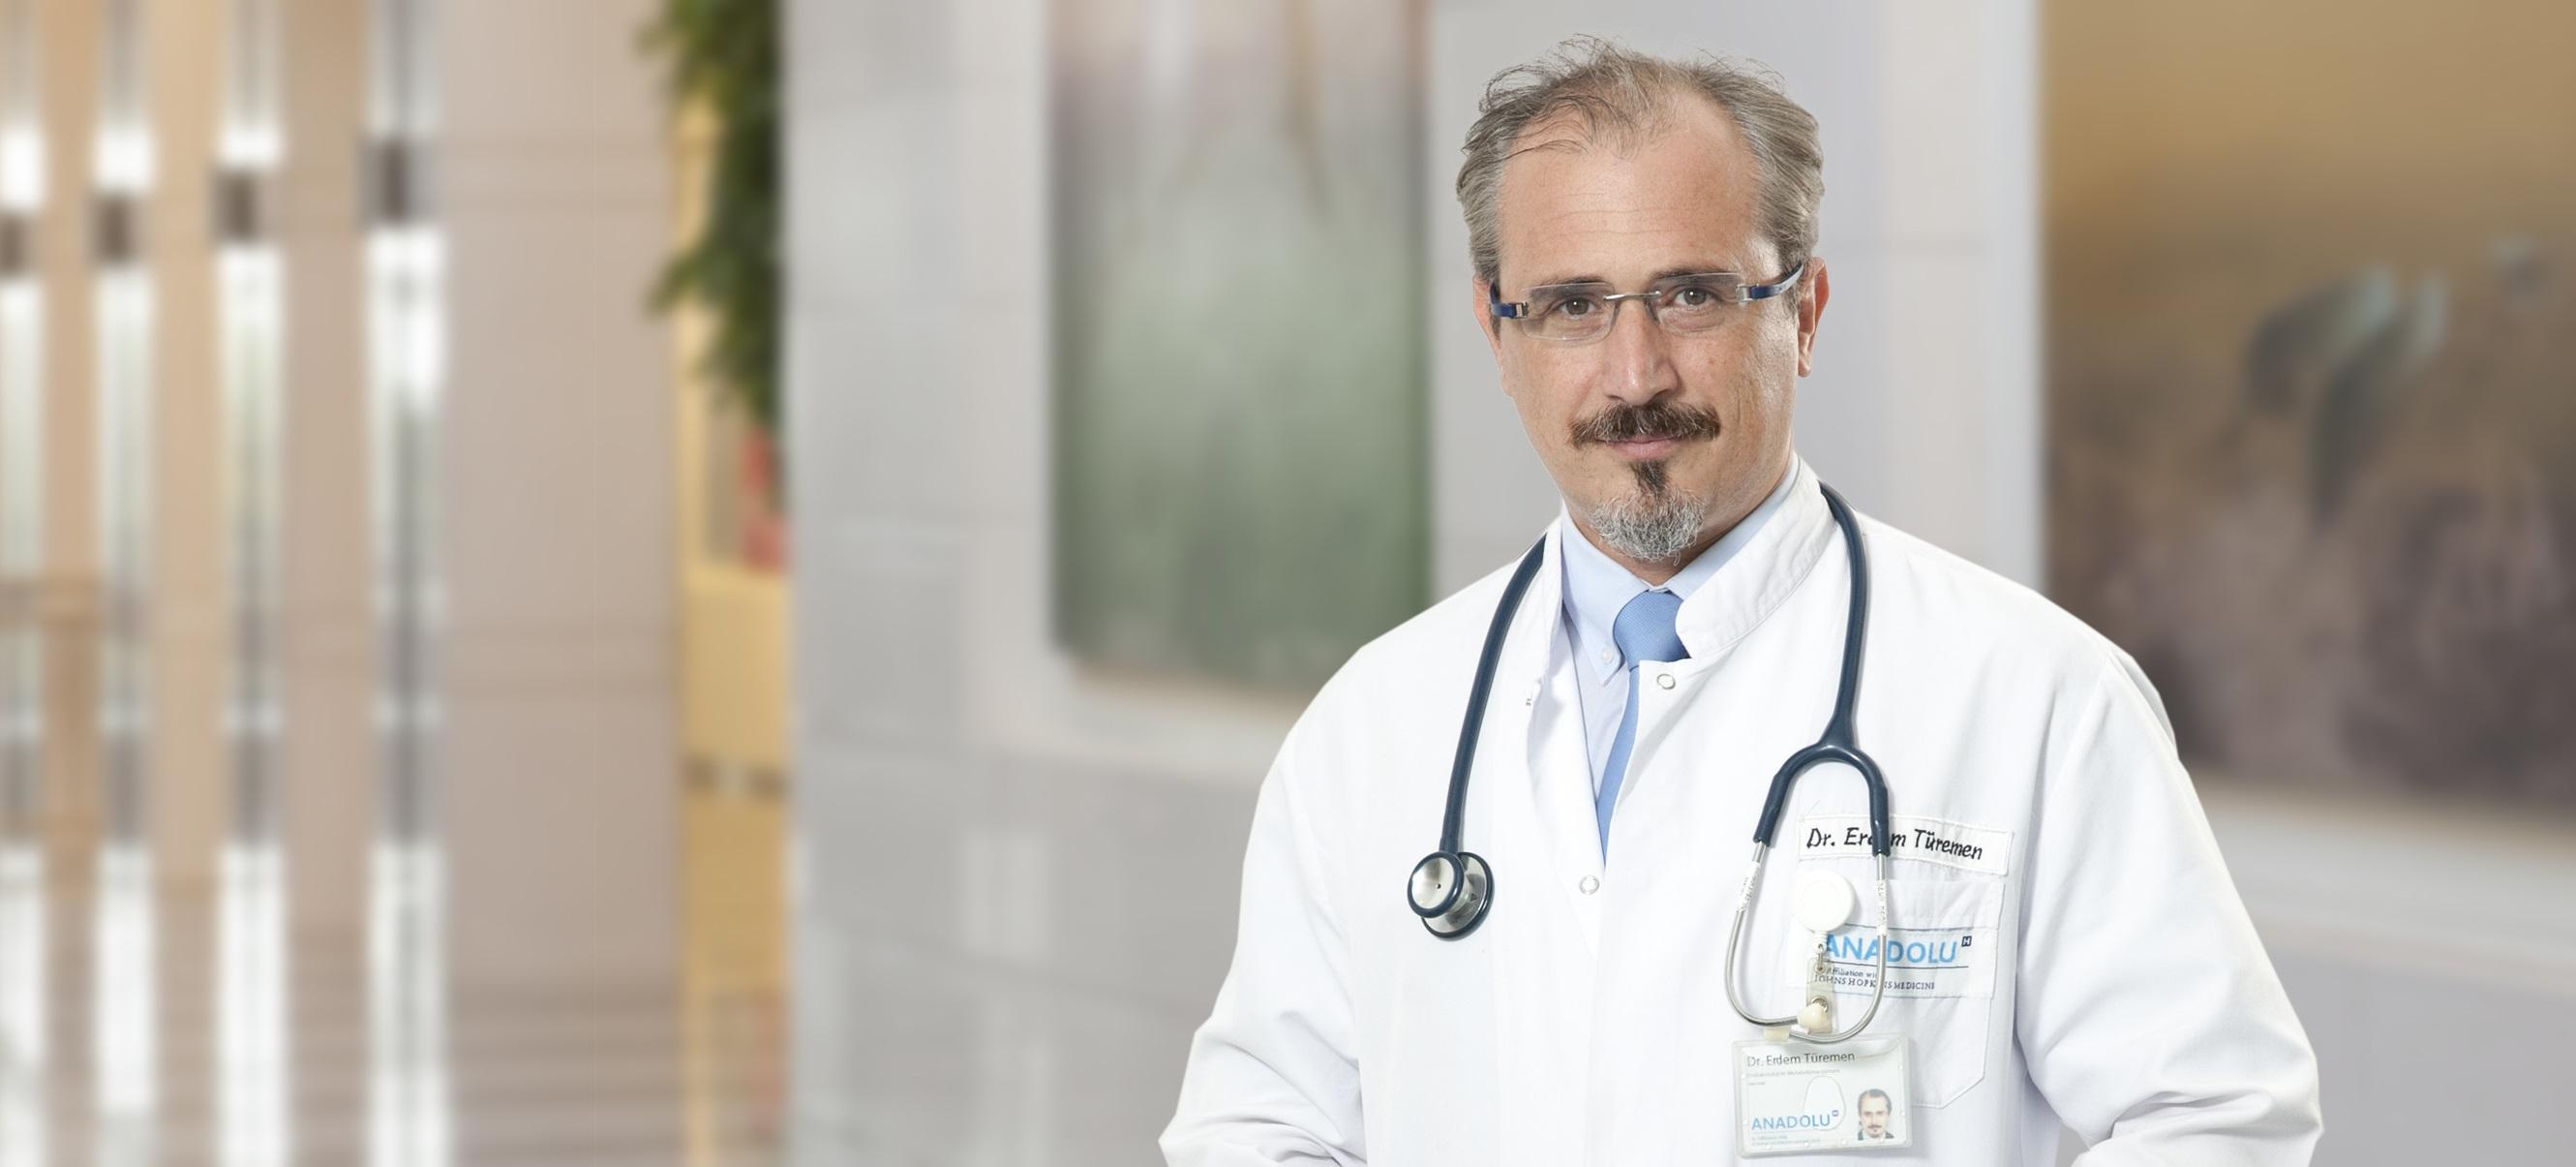 Э. Эрдем Тюремен — квалифицированная помощь в медицинском центре Anadolu